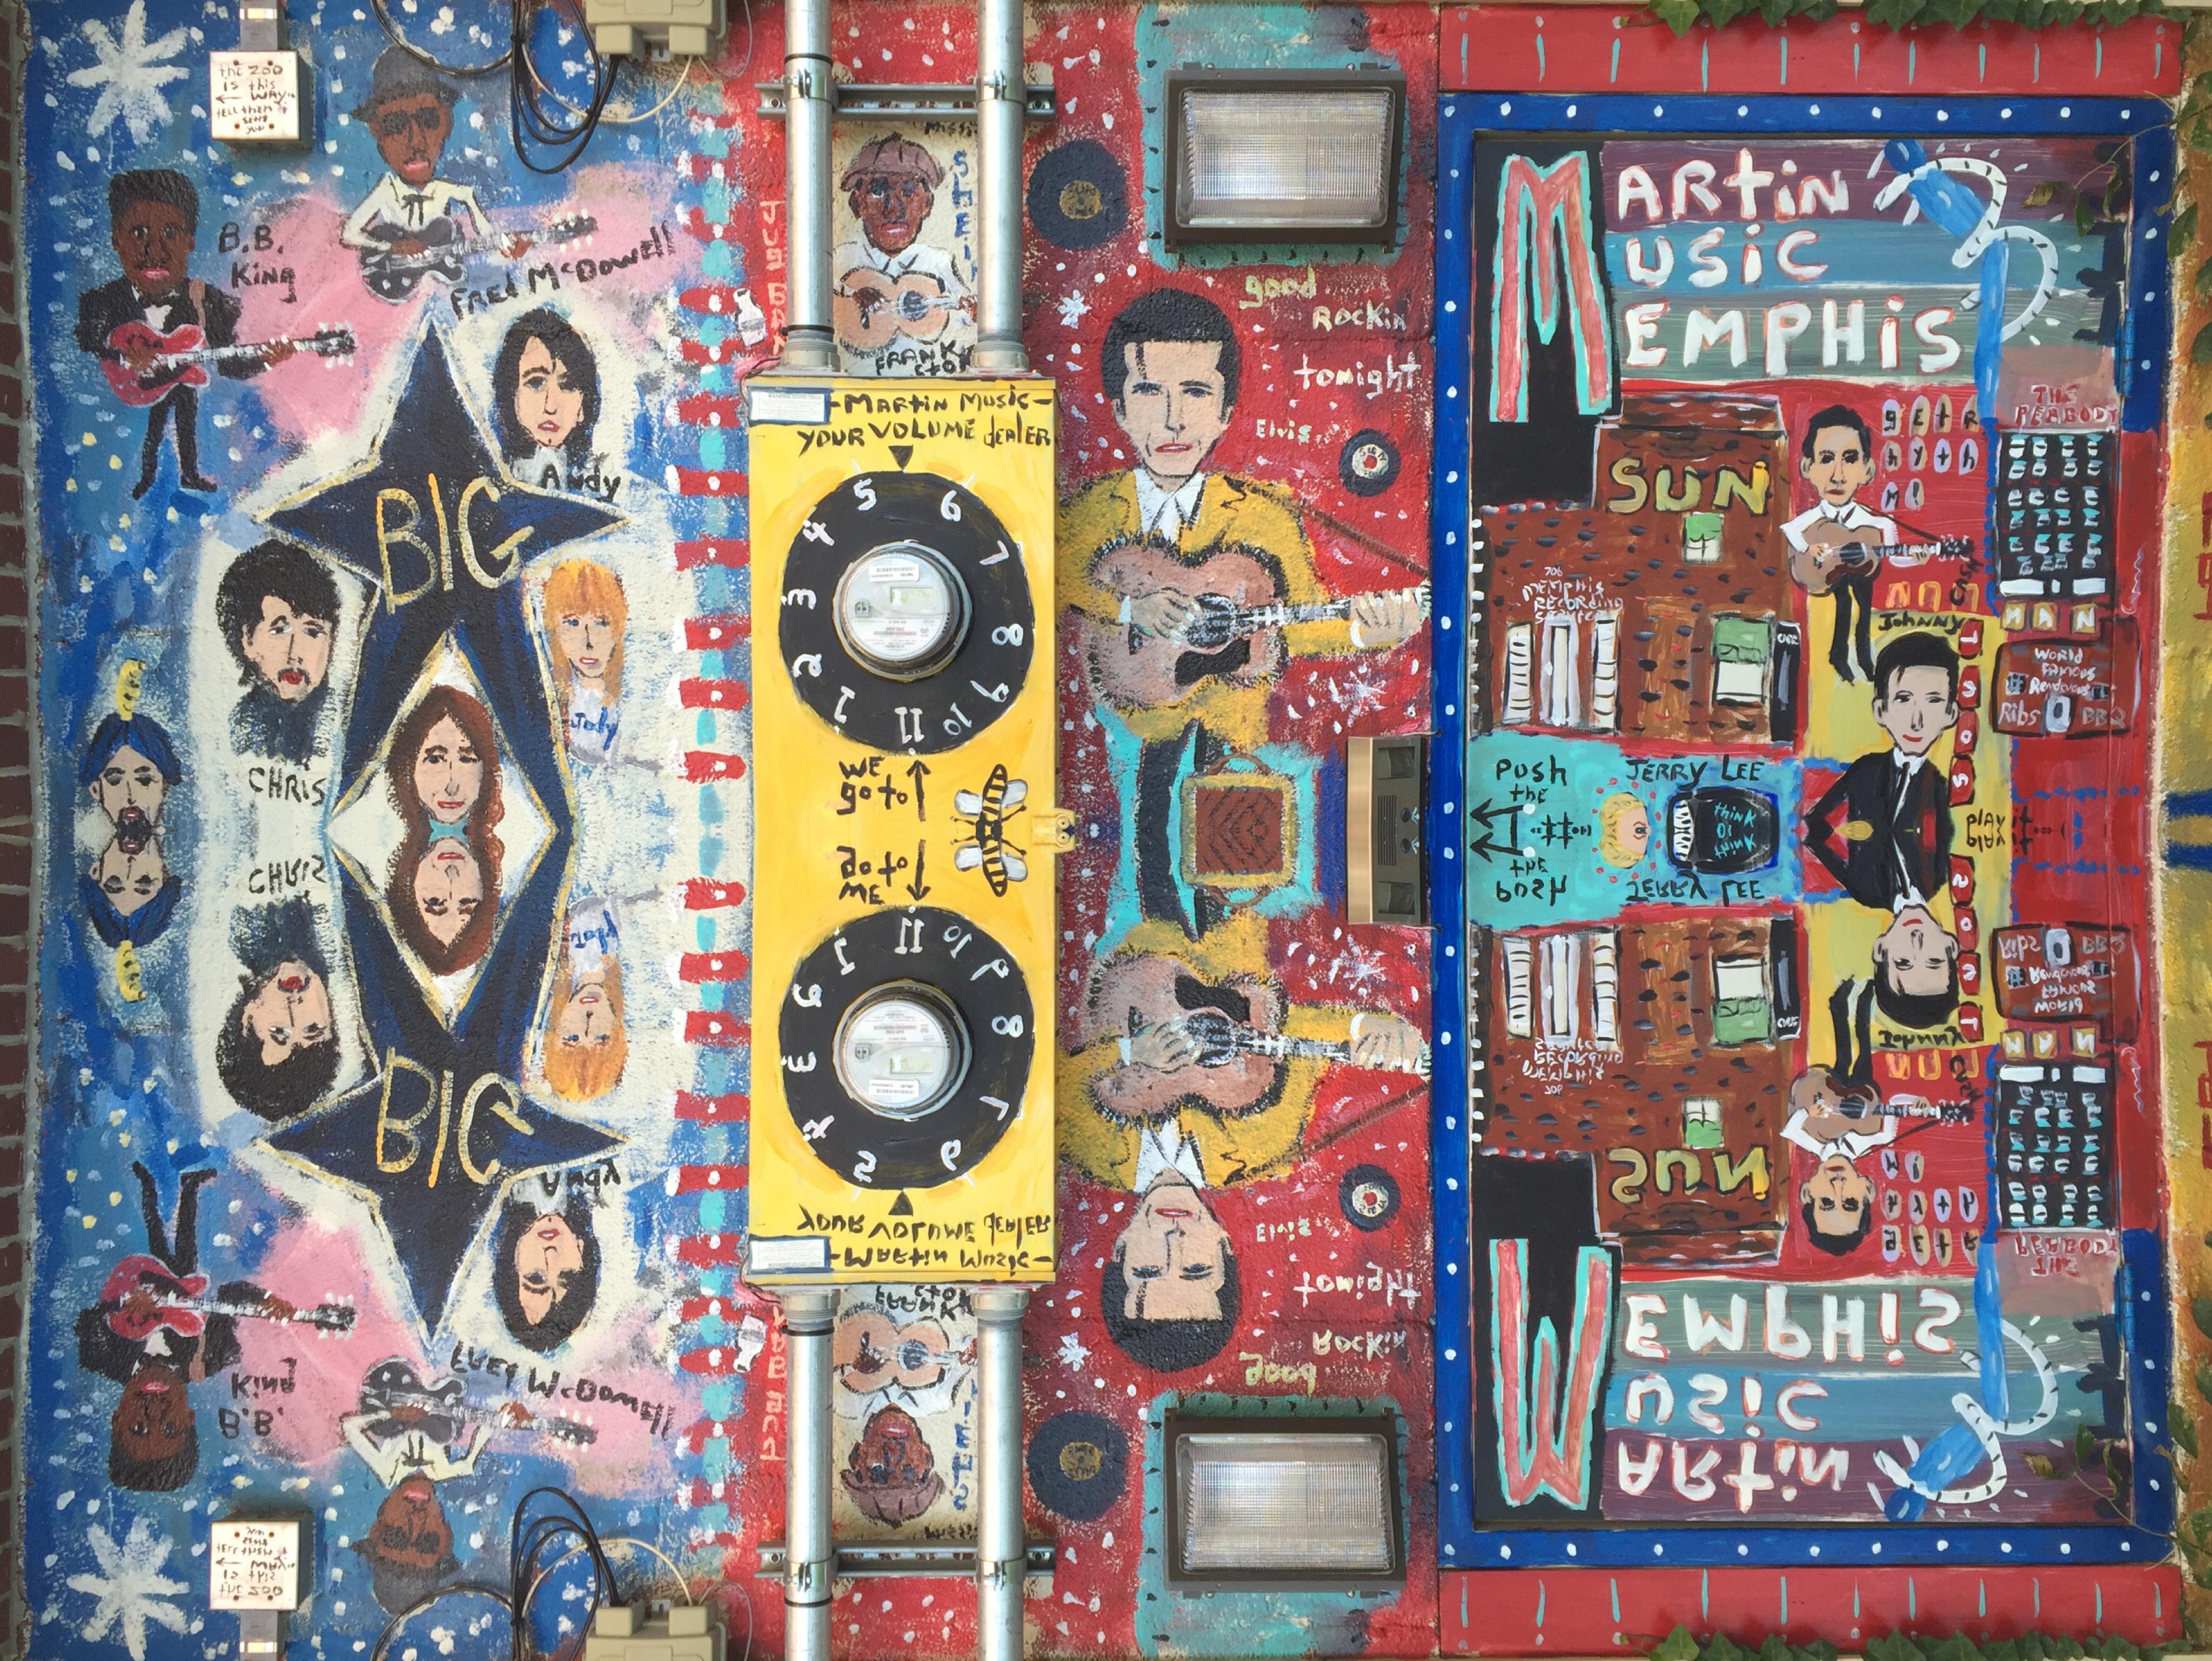 Memphis music mural